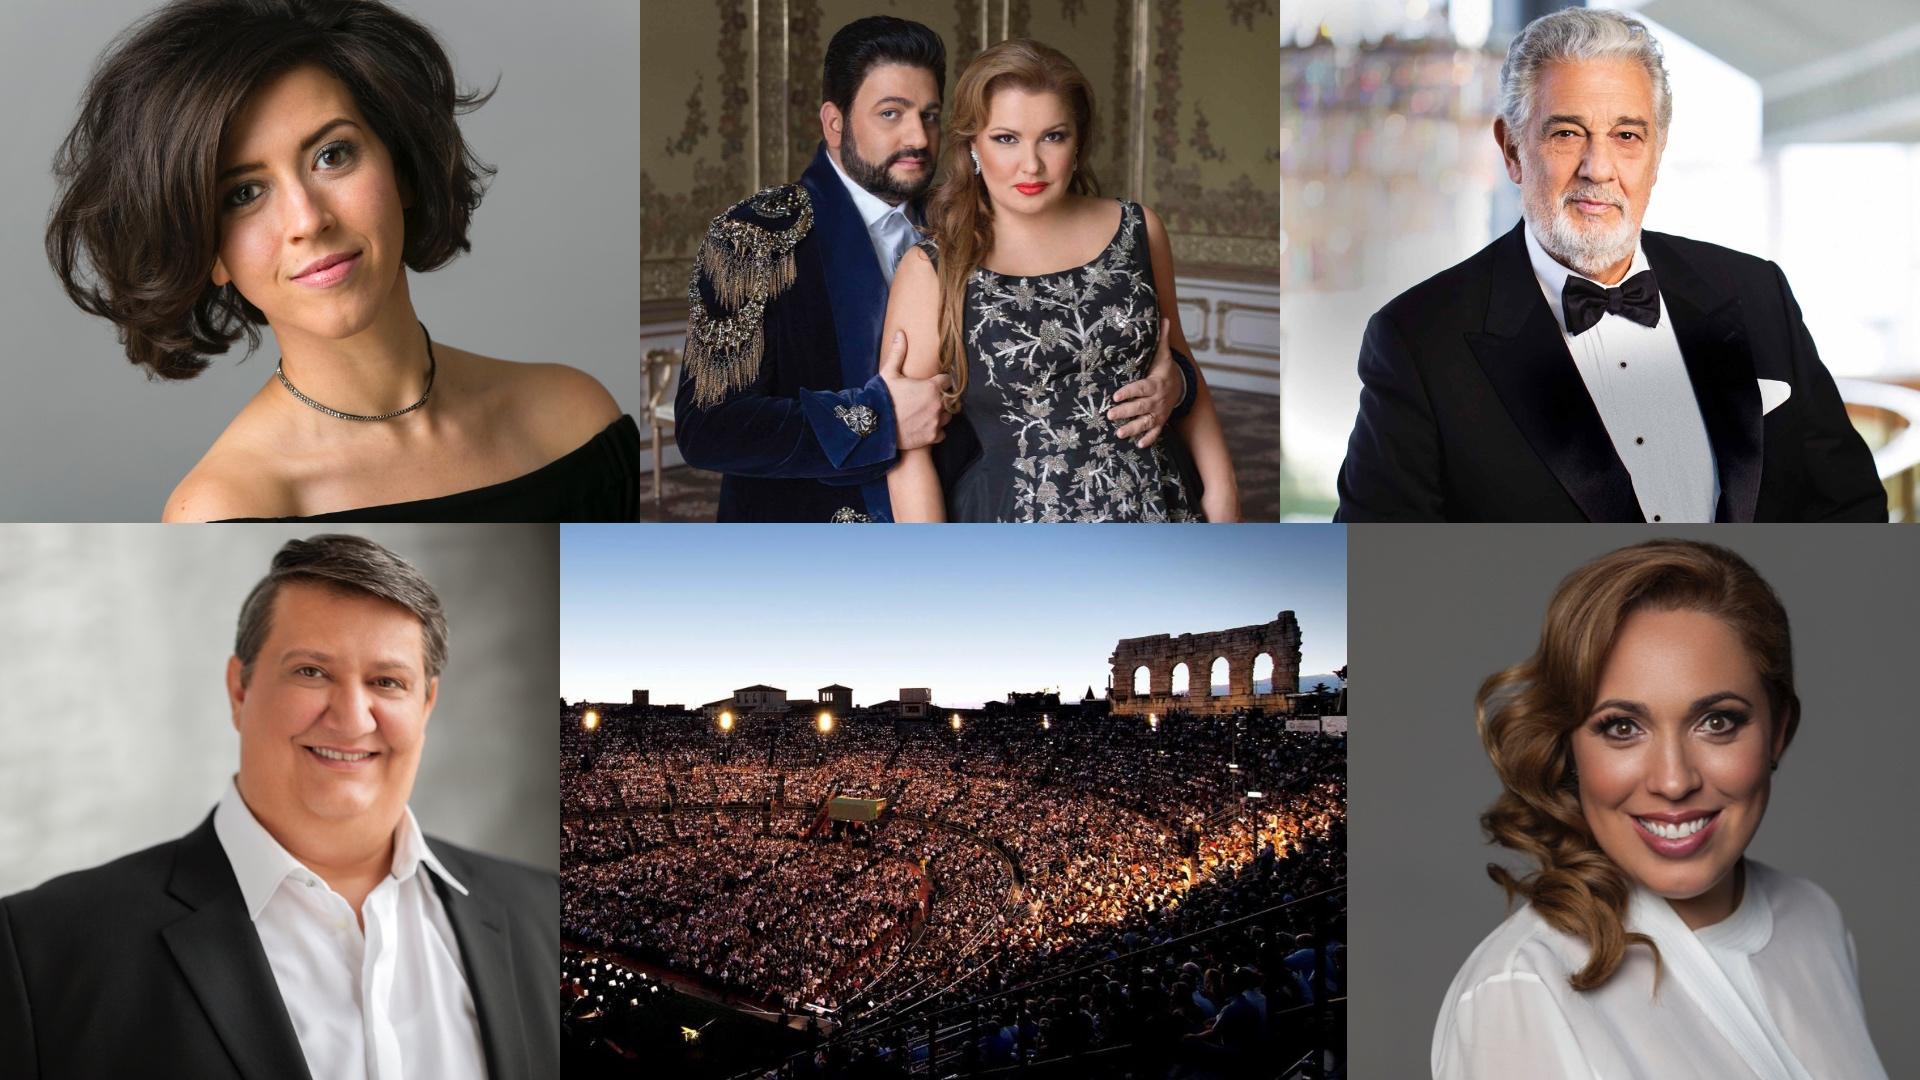 Arena Opera Festival 2019; Arena di Verona Opera Festival 2019; Verona; Anna Netrebko; Yusif Eyvazov; Placido Domingo; Lisette Oropesa; Ambrogio Maestri; Maria José Siri